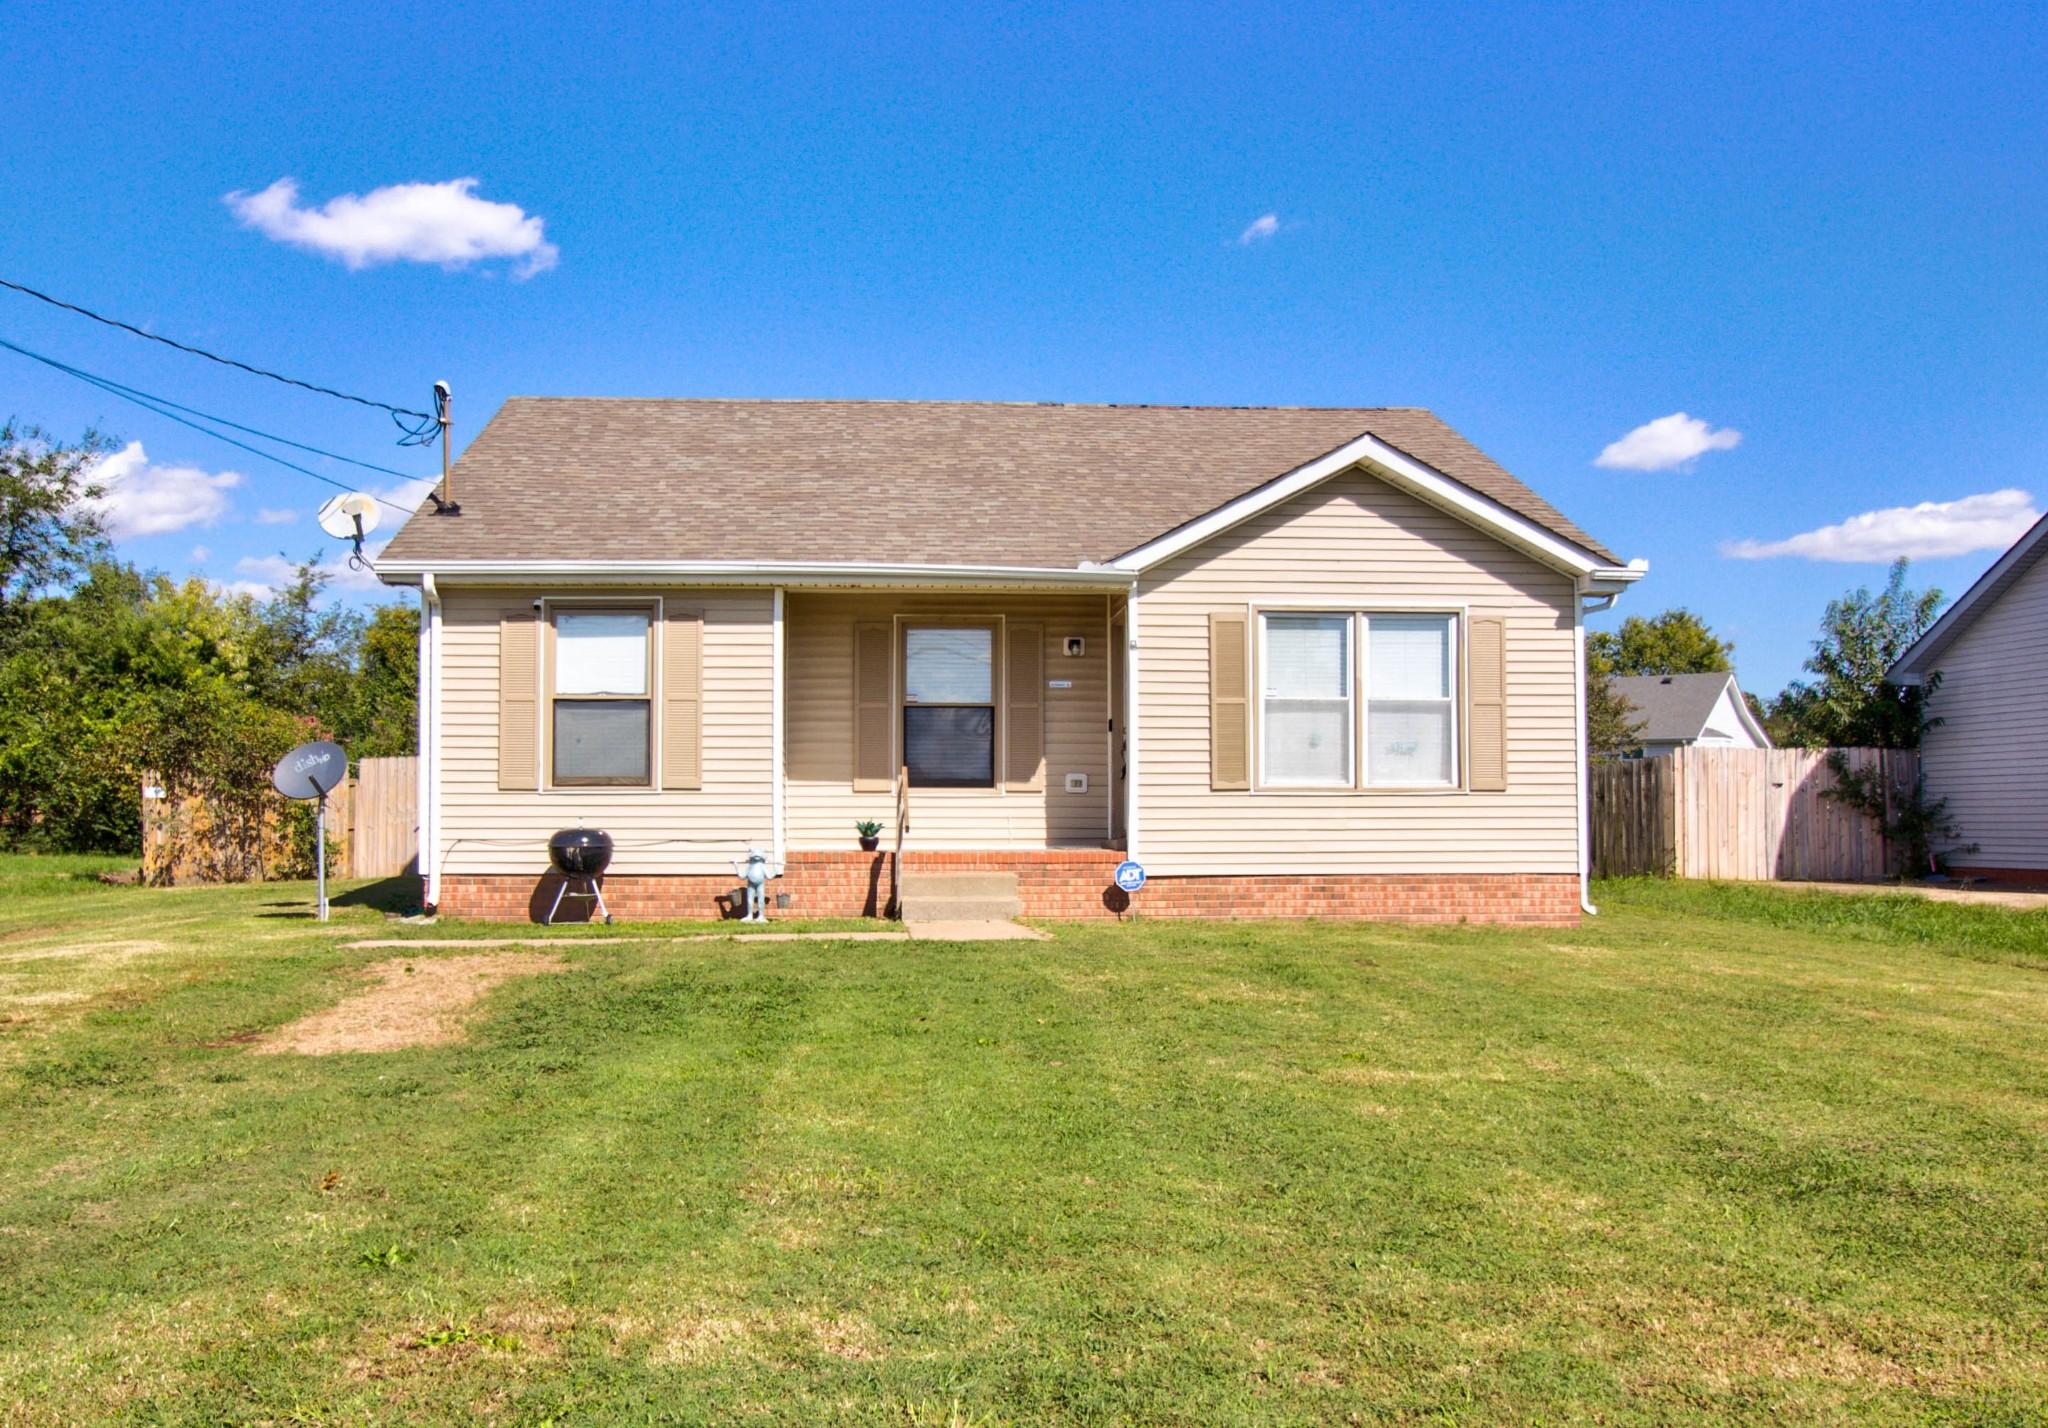 703 Carbondale Dr, Oak Grove, KY 42262